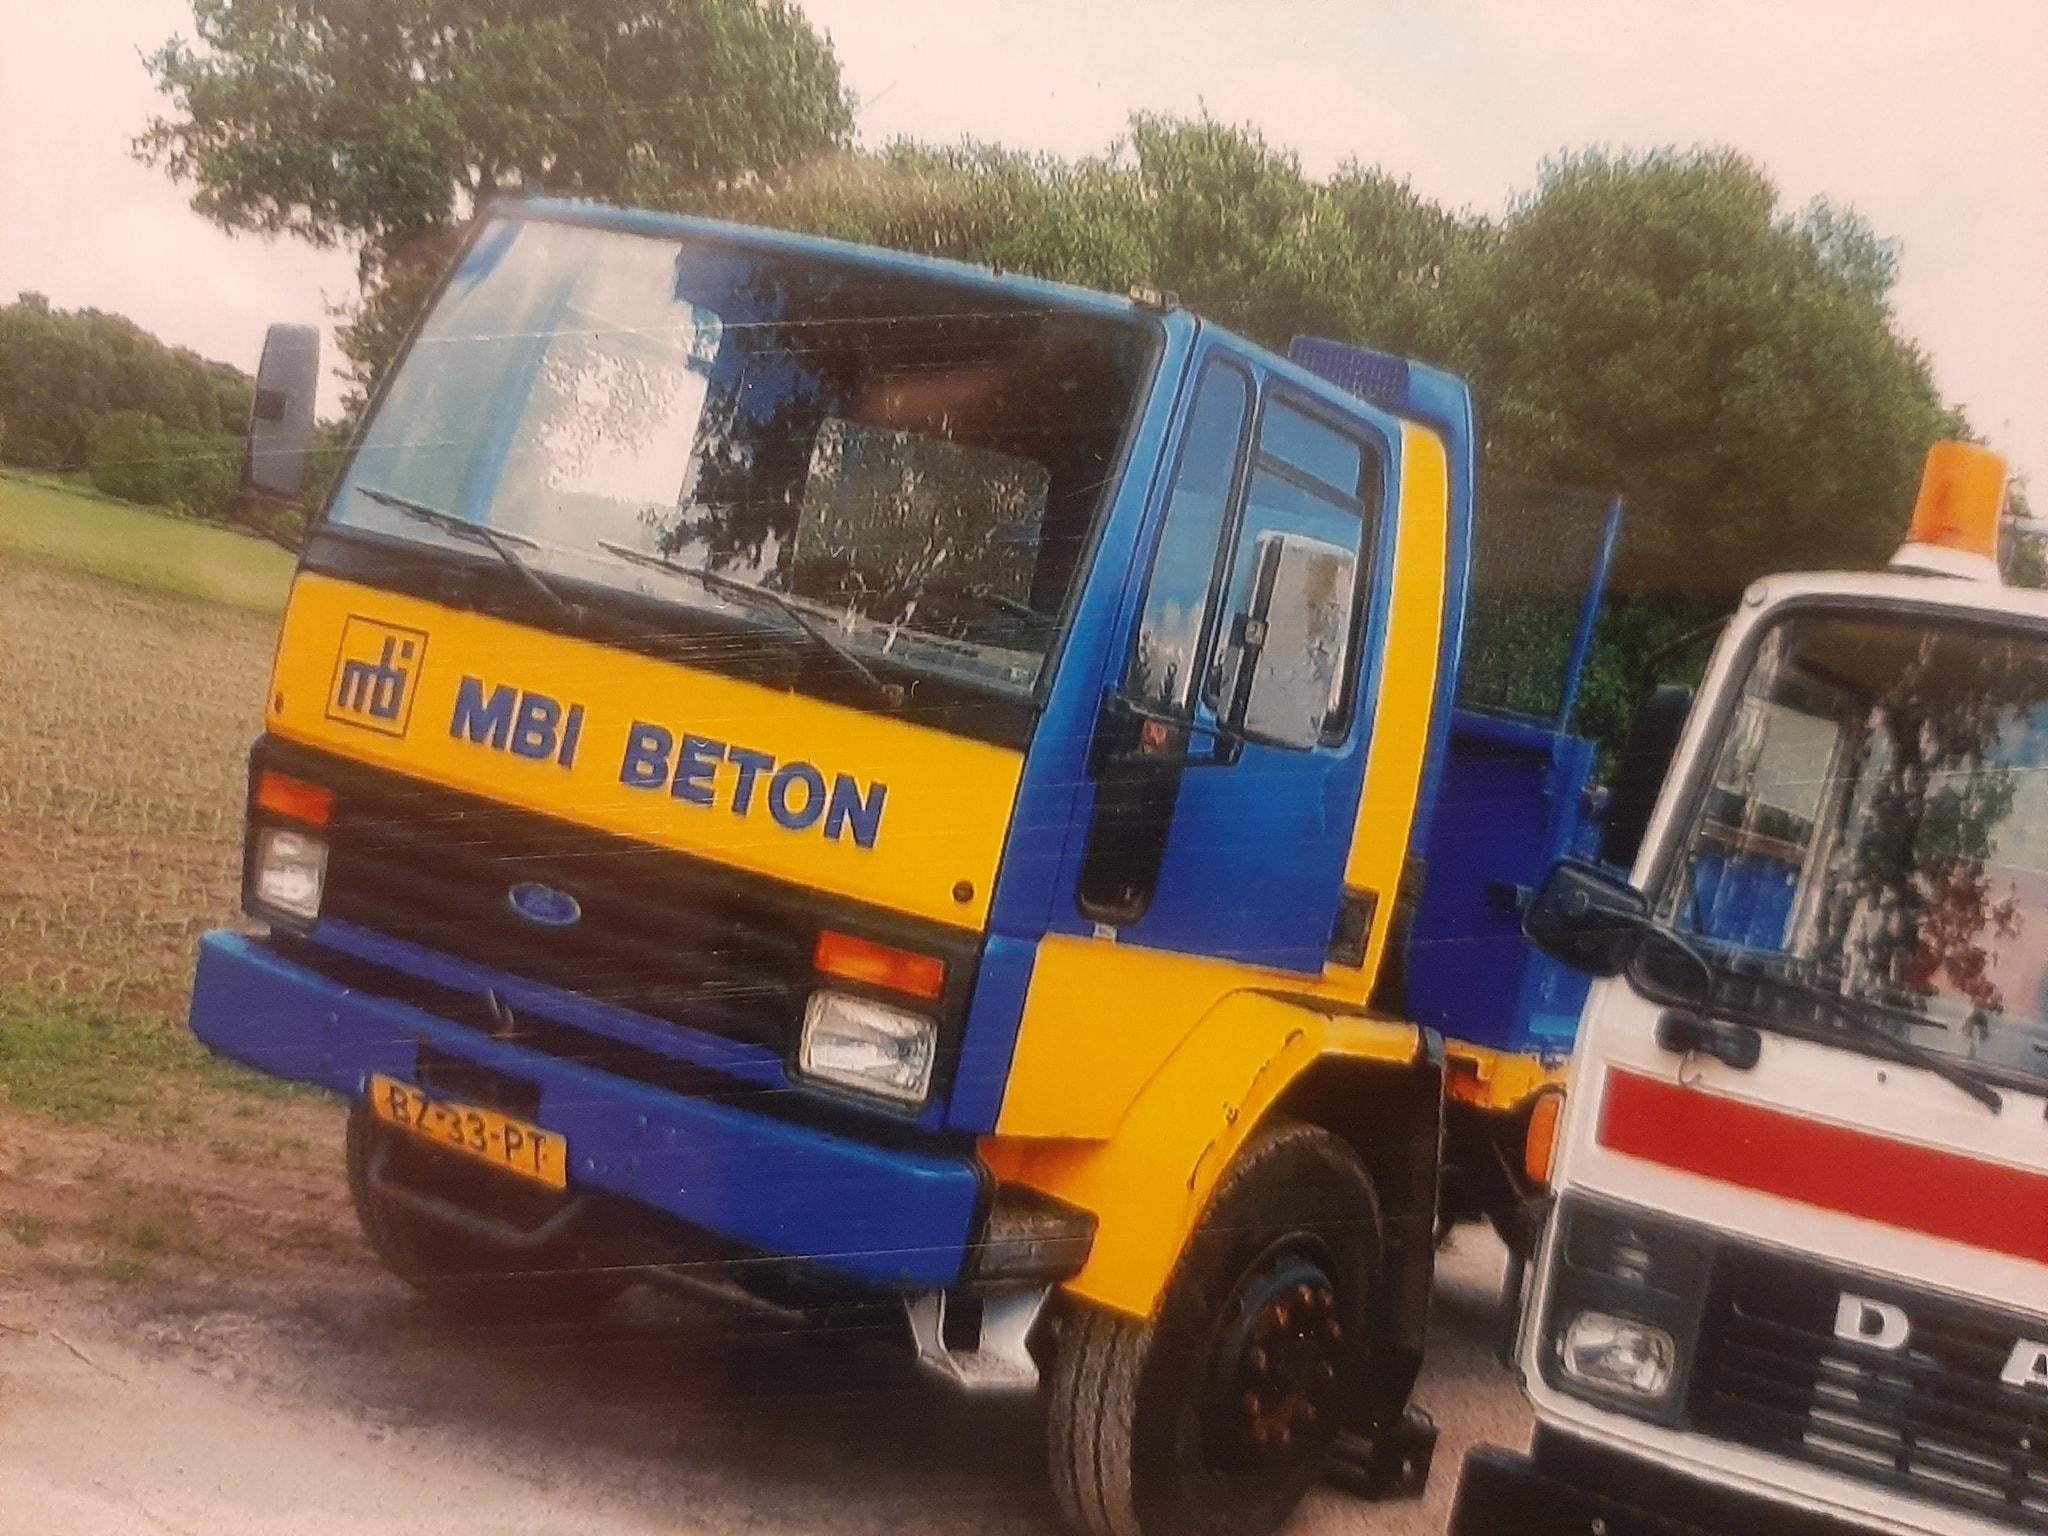 Ford-Cargo-V8-MBI-Beton-(2)